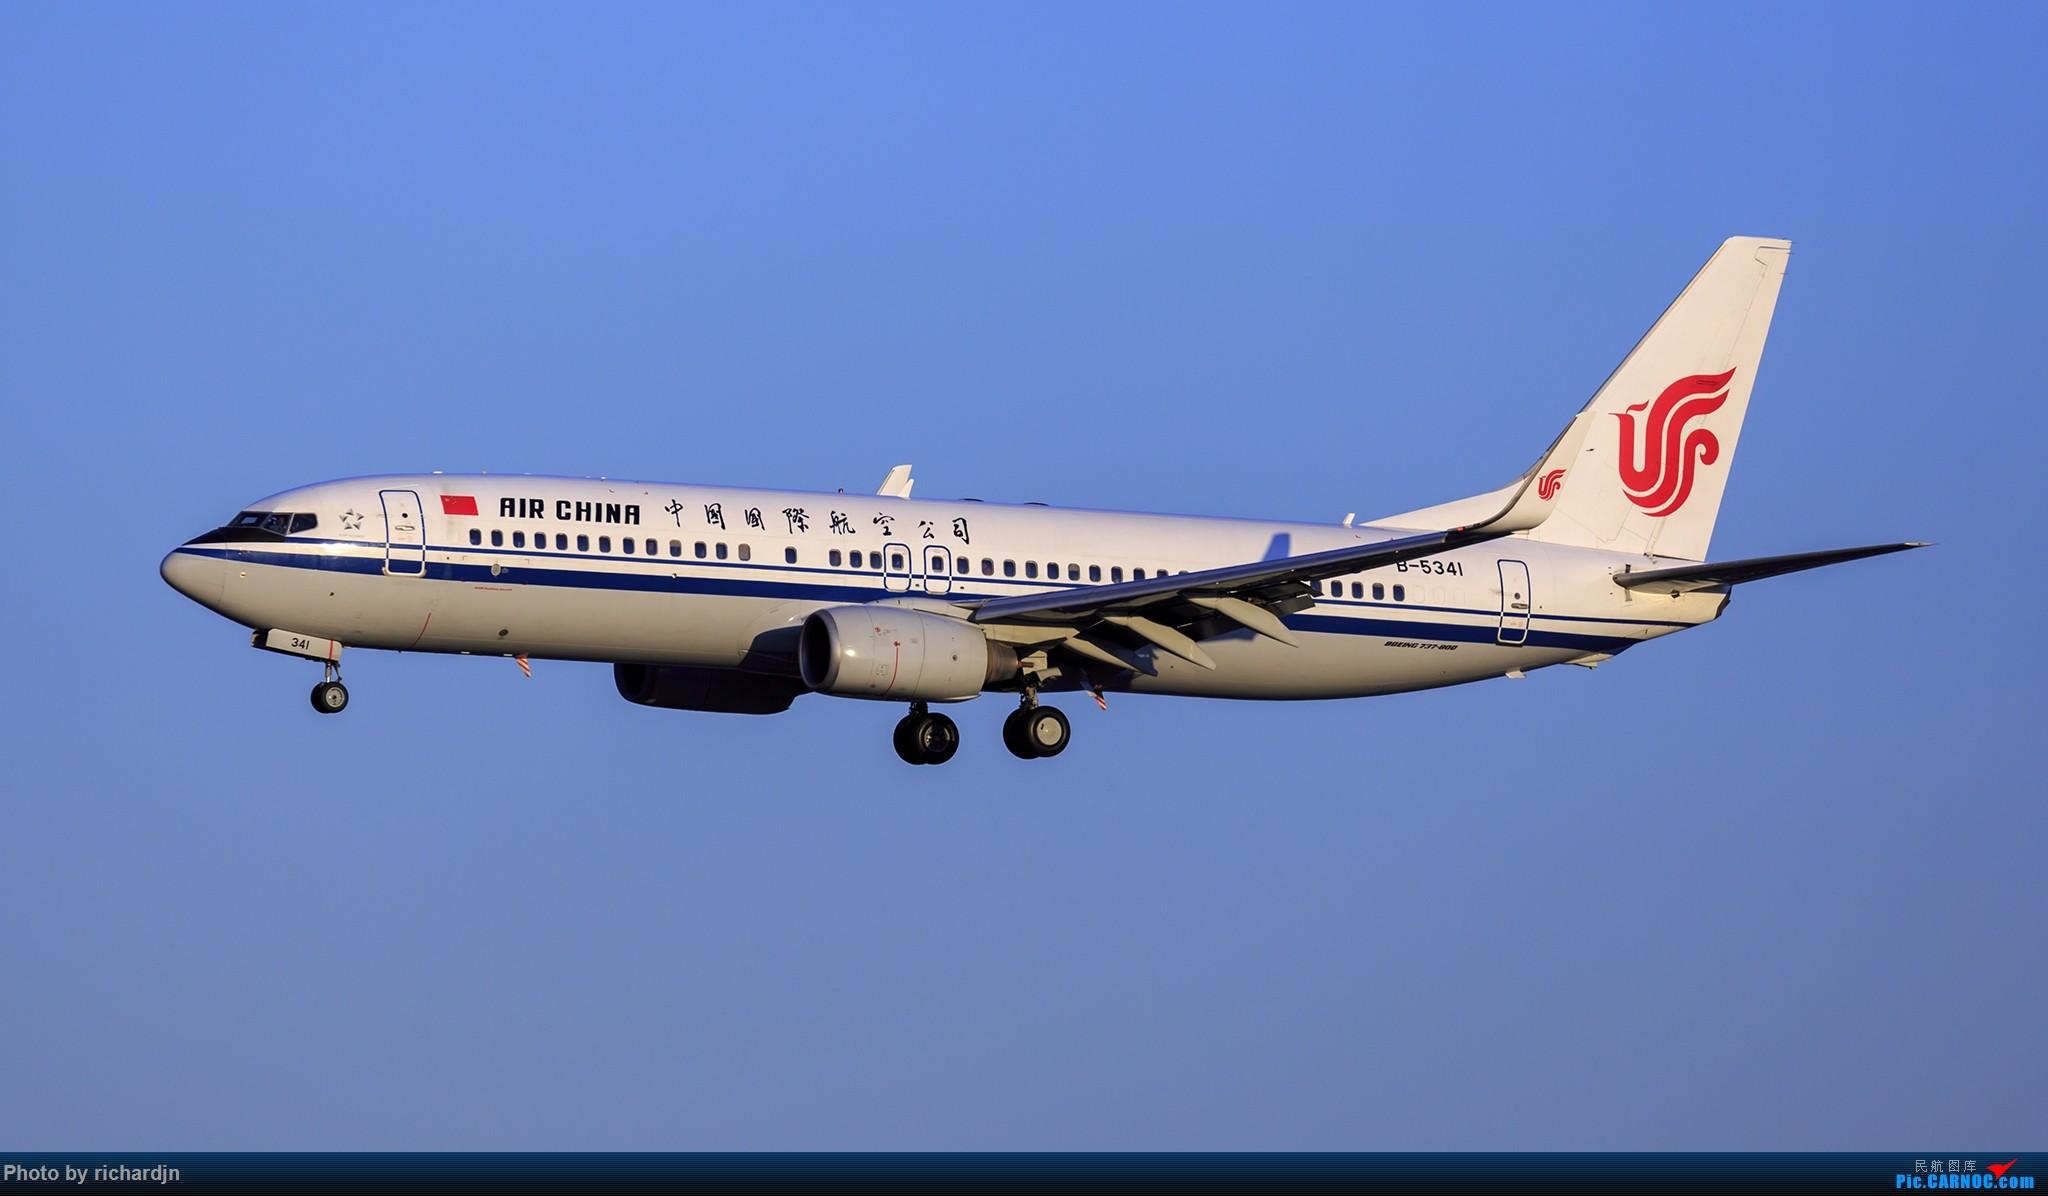 Re:[原创]2018年10月1日ZBAA撸机 BOEING 737-800 B-5341 中国北京首都国际机场